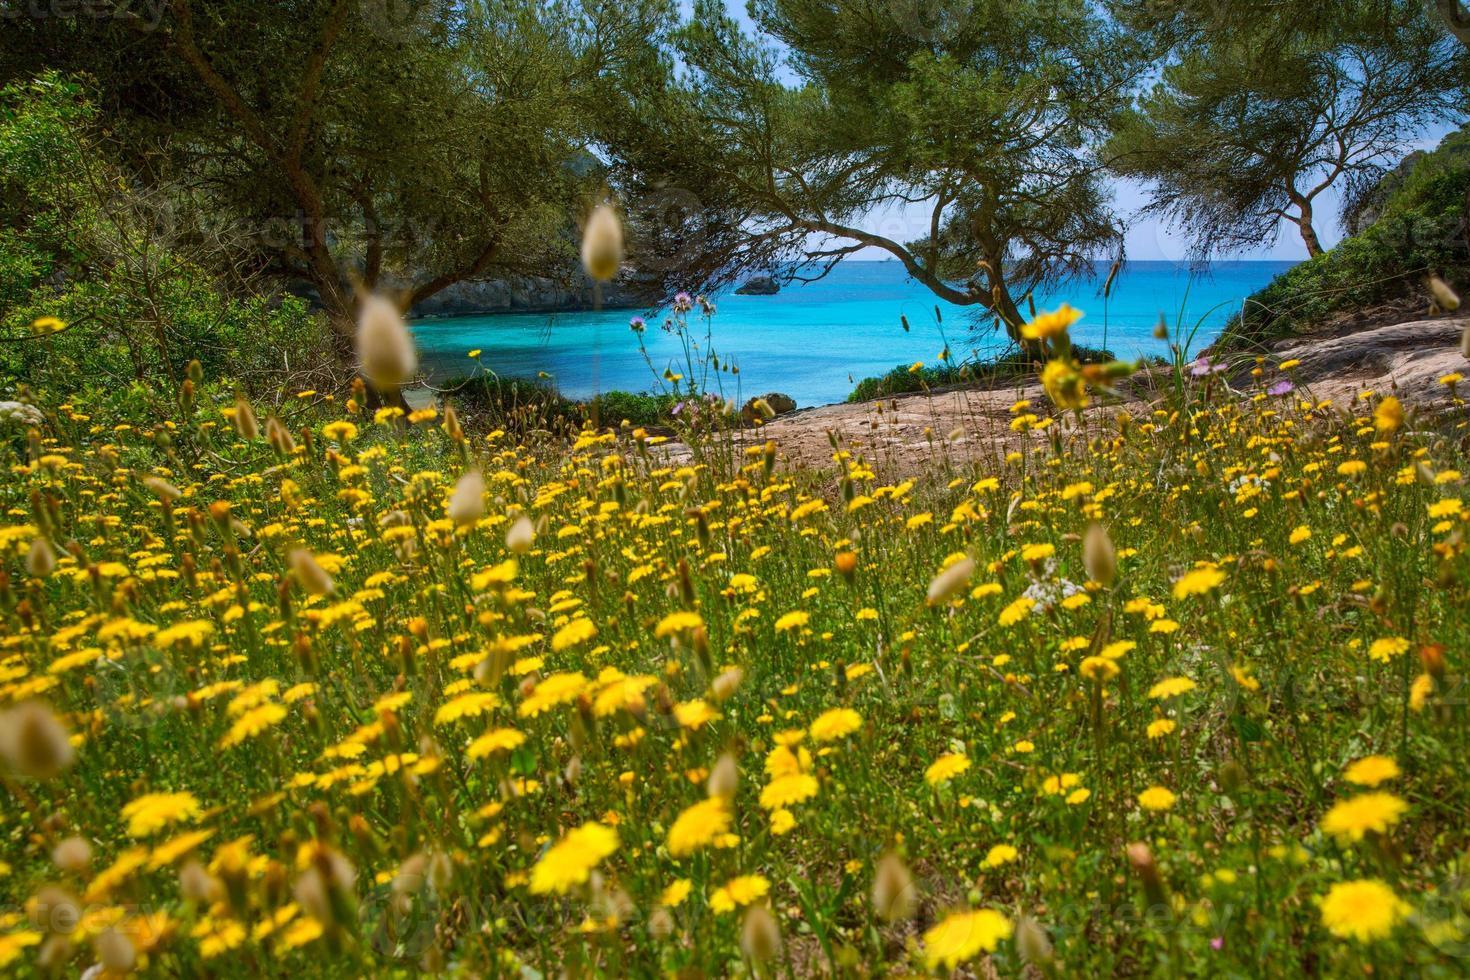 Cala Macarella Menorca turquoise Balearic Mediterranean photo